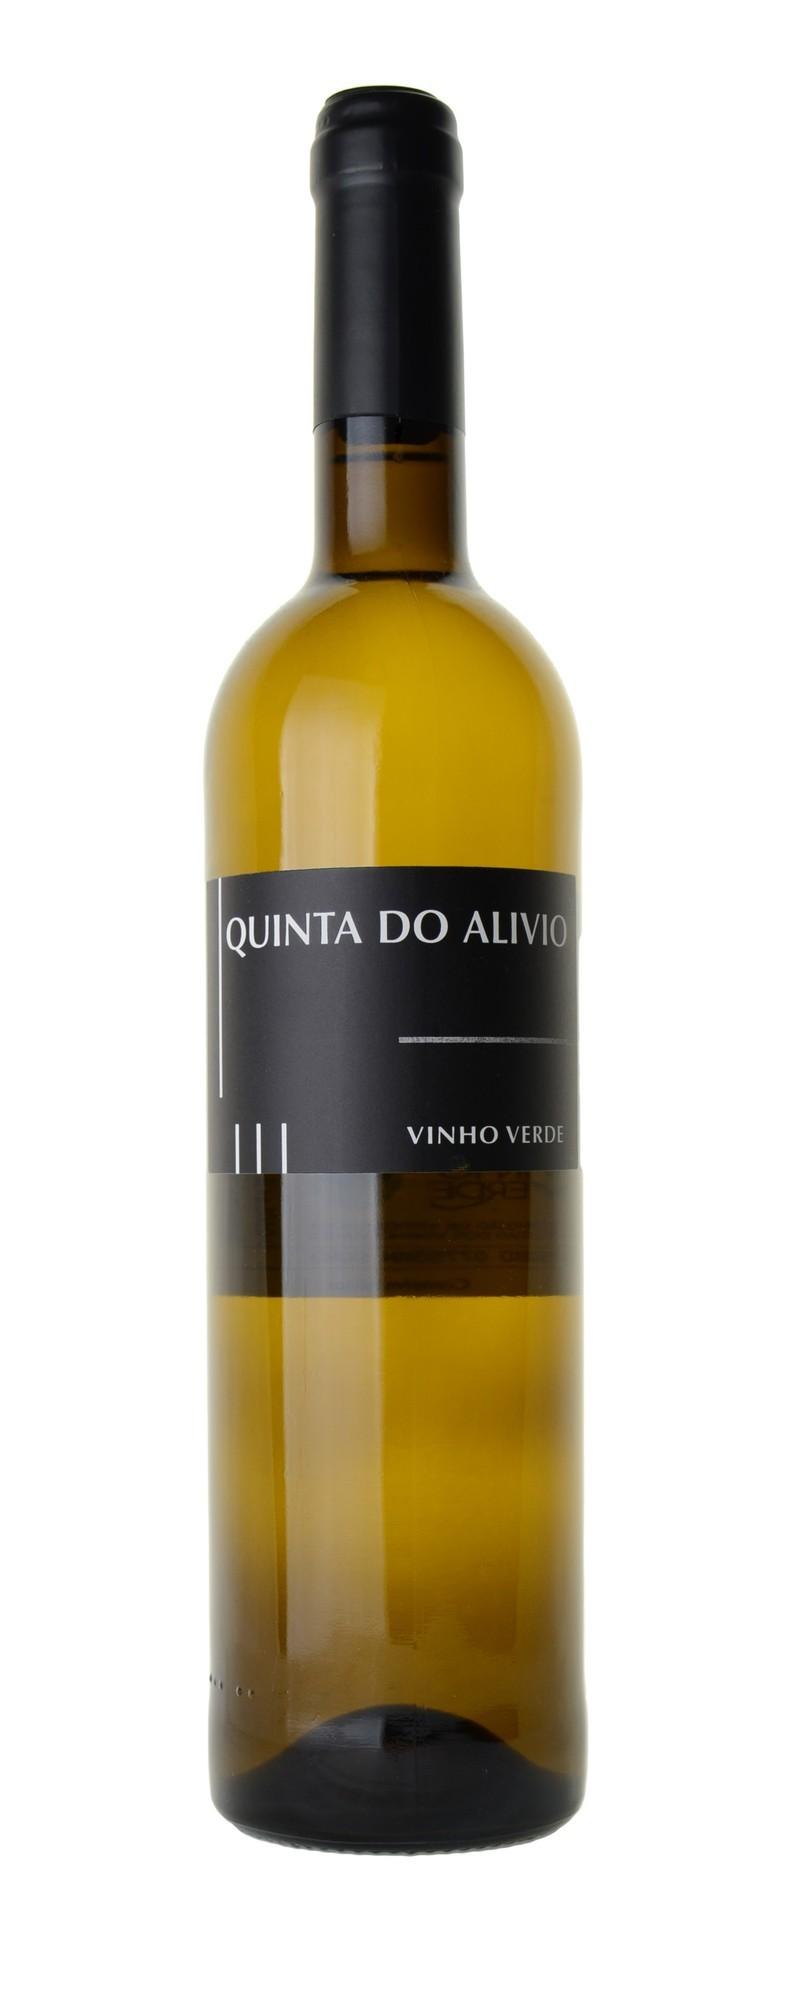 Goed groen - Quinta do Alivio Branco Escolha Vinho Verde